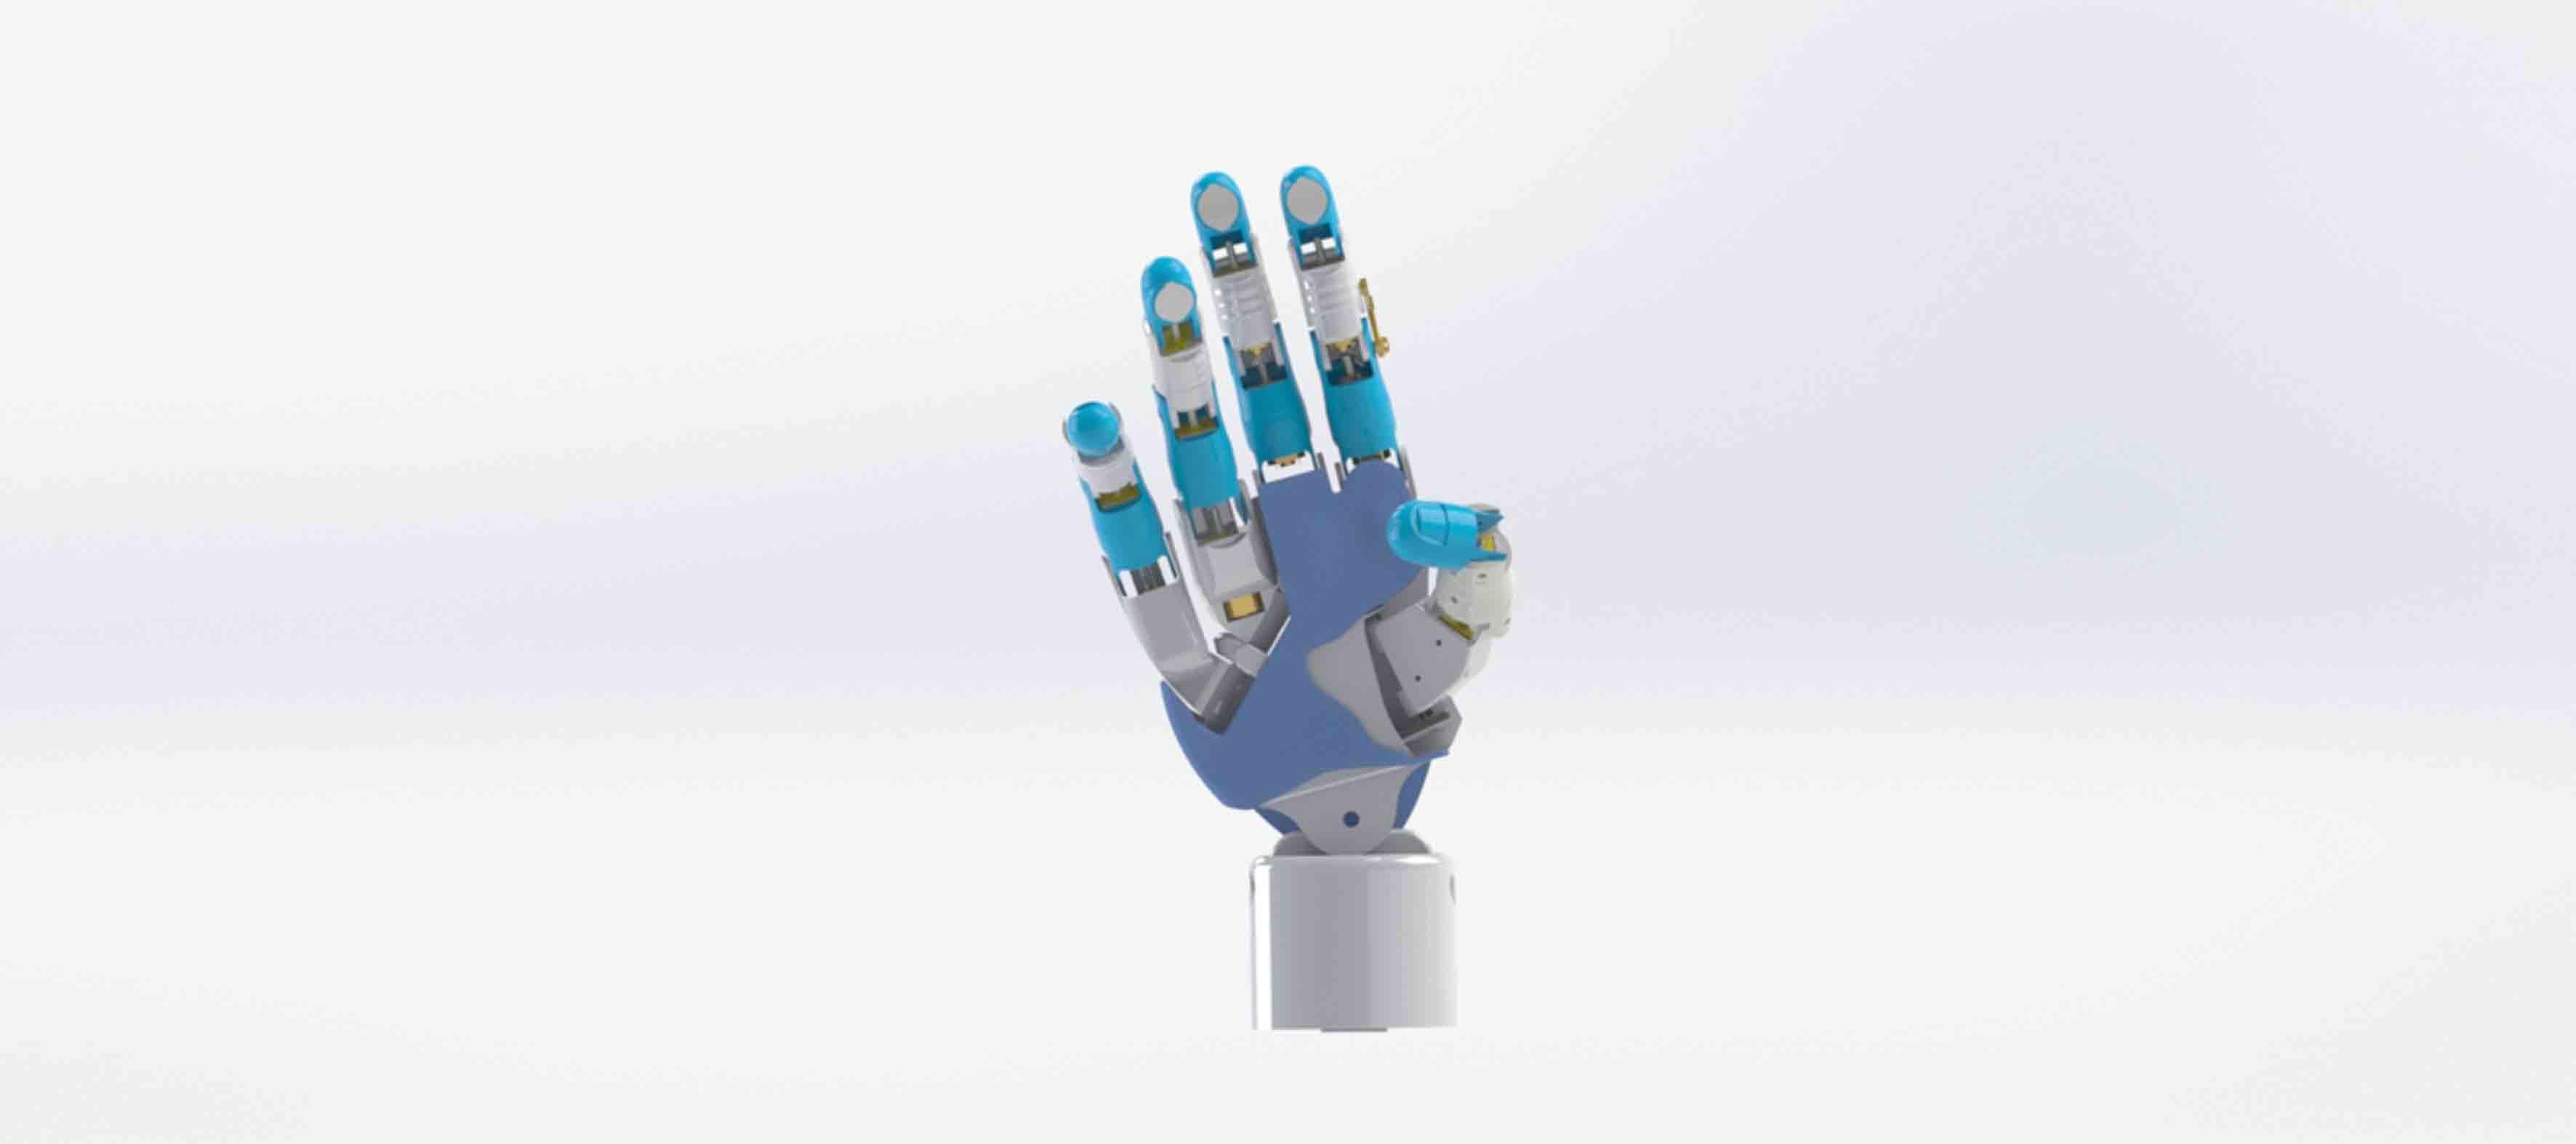 Diseño de prótesis robótica de mano, mostrando su flexibilidad al doblar su dedo pulgar, mientras sus demás dedos se encuentran extendidos.